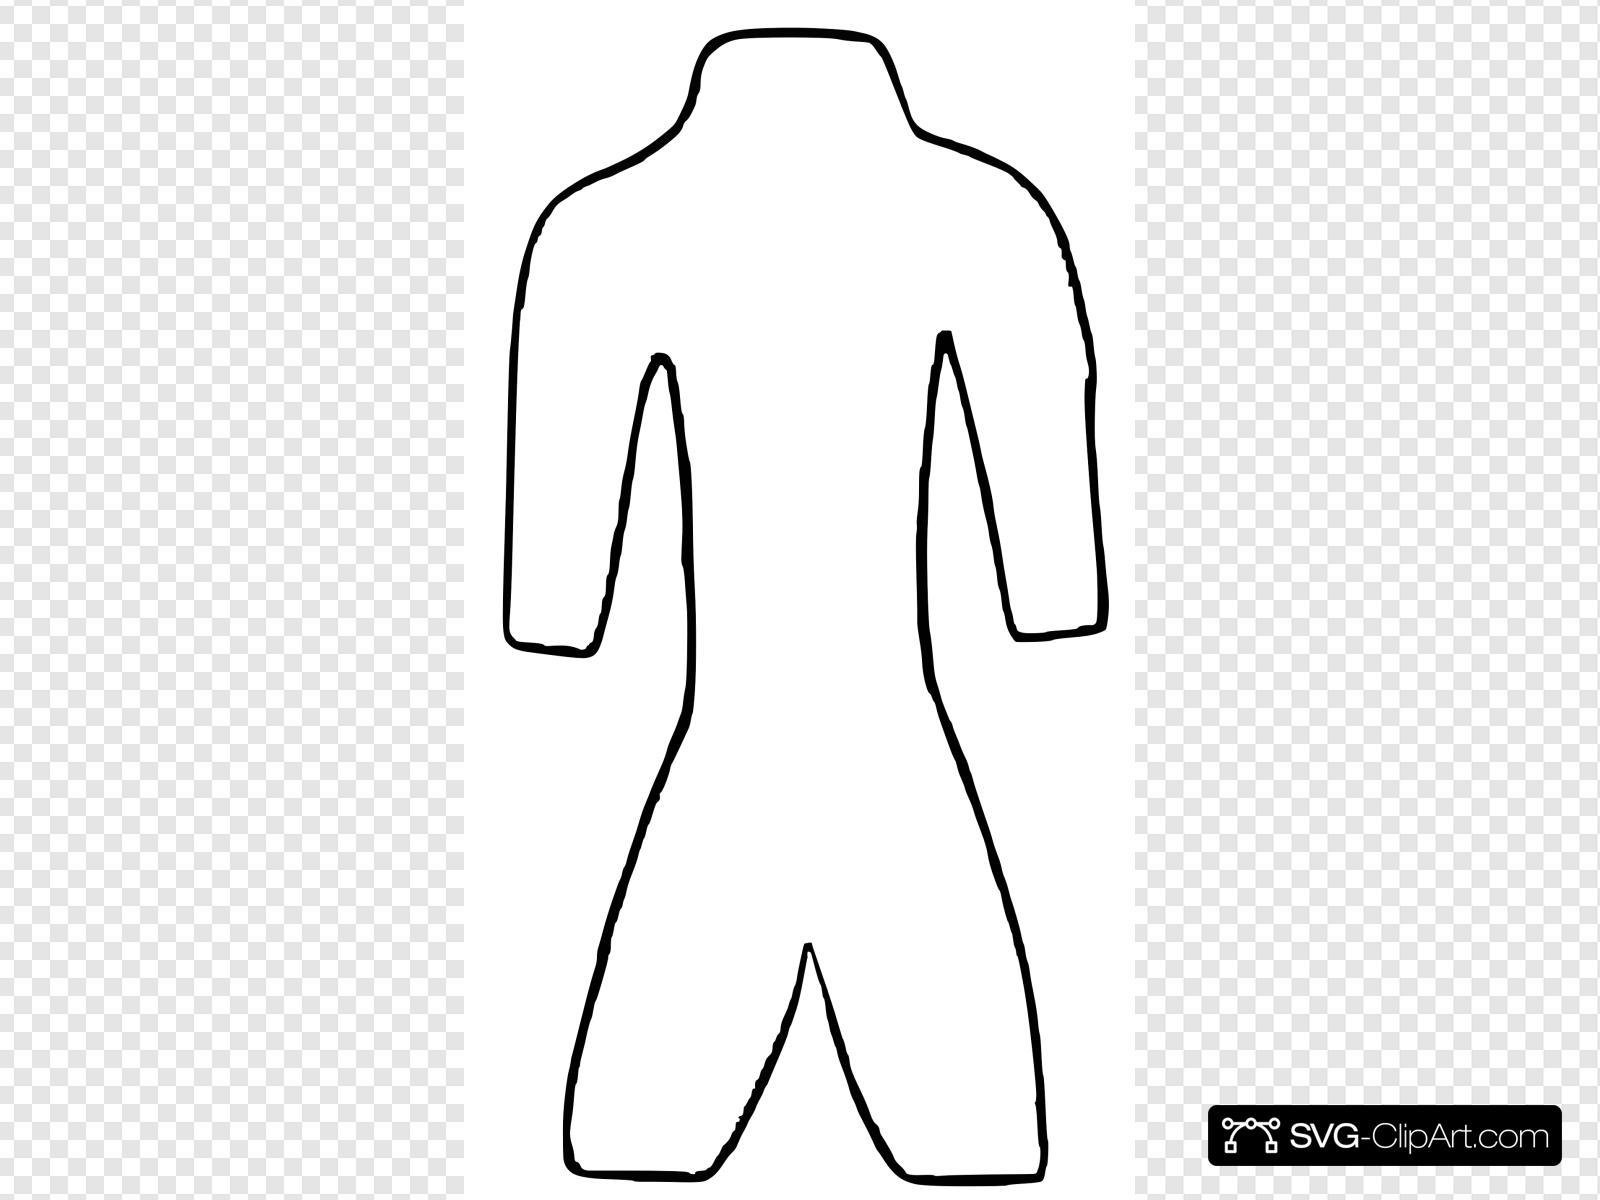 Clipart torso vector transparent download Torso Lg Clip art, Icon and SVG - SVG Clipart vector transparent download